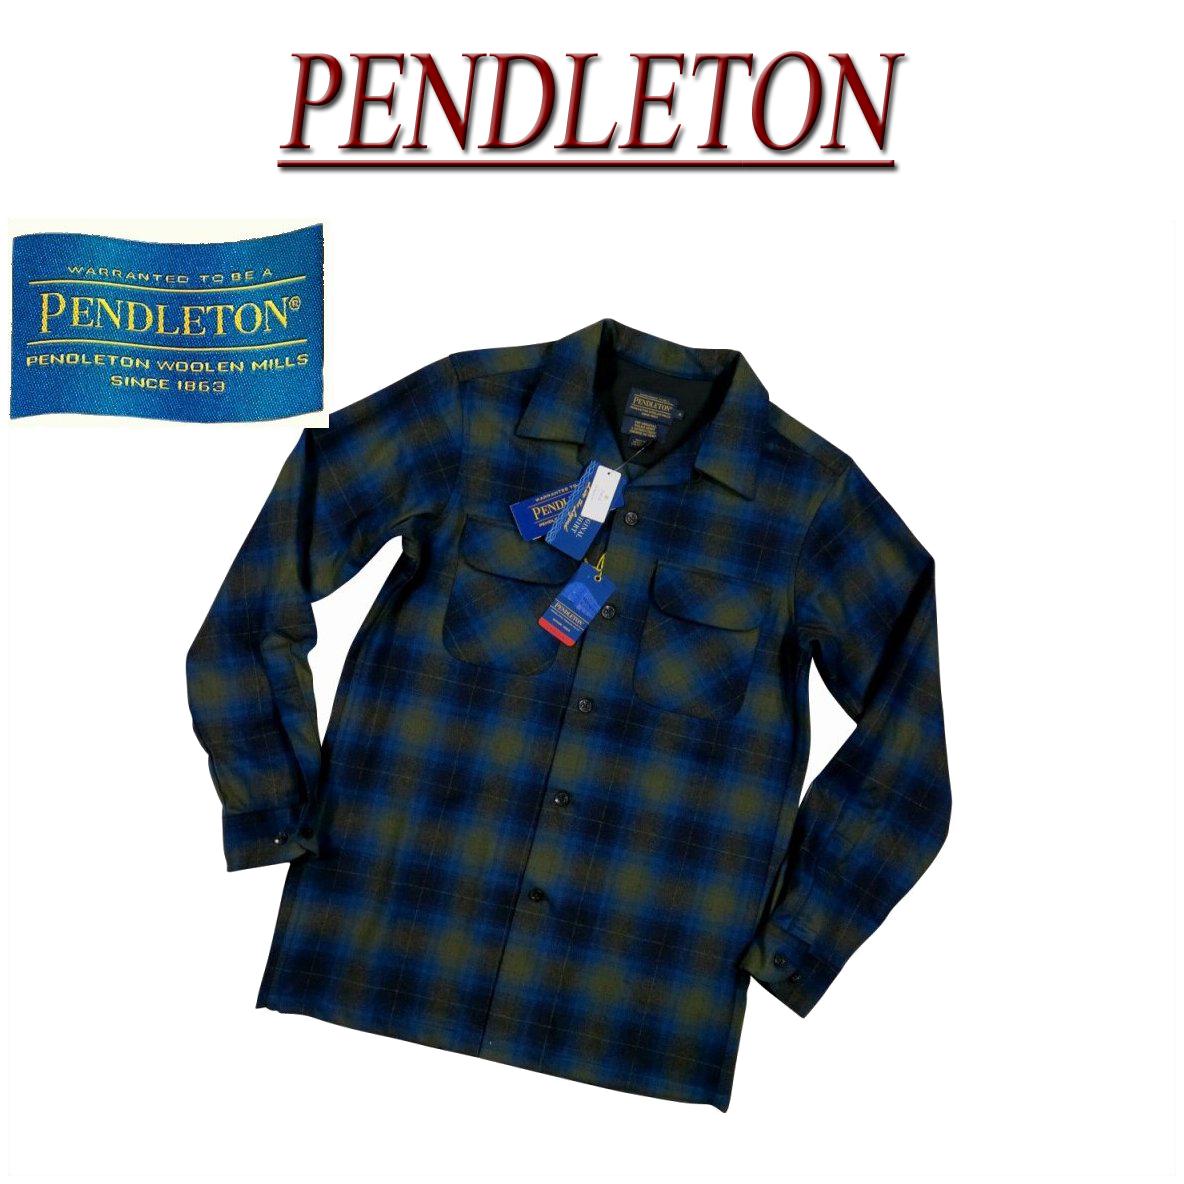 【5サイズ】 ac202 新品 PENDLETON BOARD SHIRT FITTED オンブレチェック 長袖 オープンカラー ウールシャツ AA014-31961 メンズ ペンドルトン チェックシャツ ペンデルトン ボードシャツ 【smtb-kd】